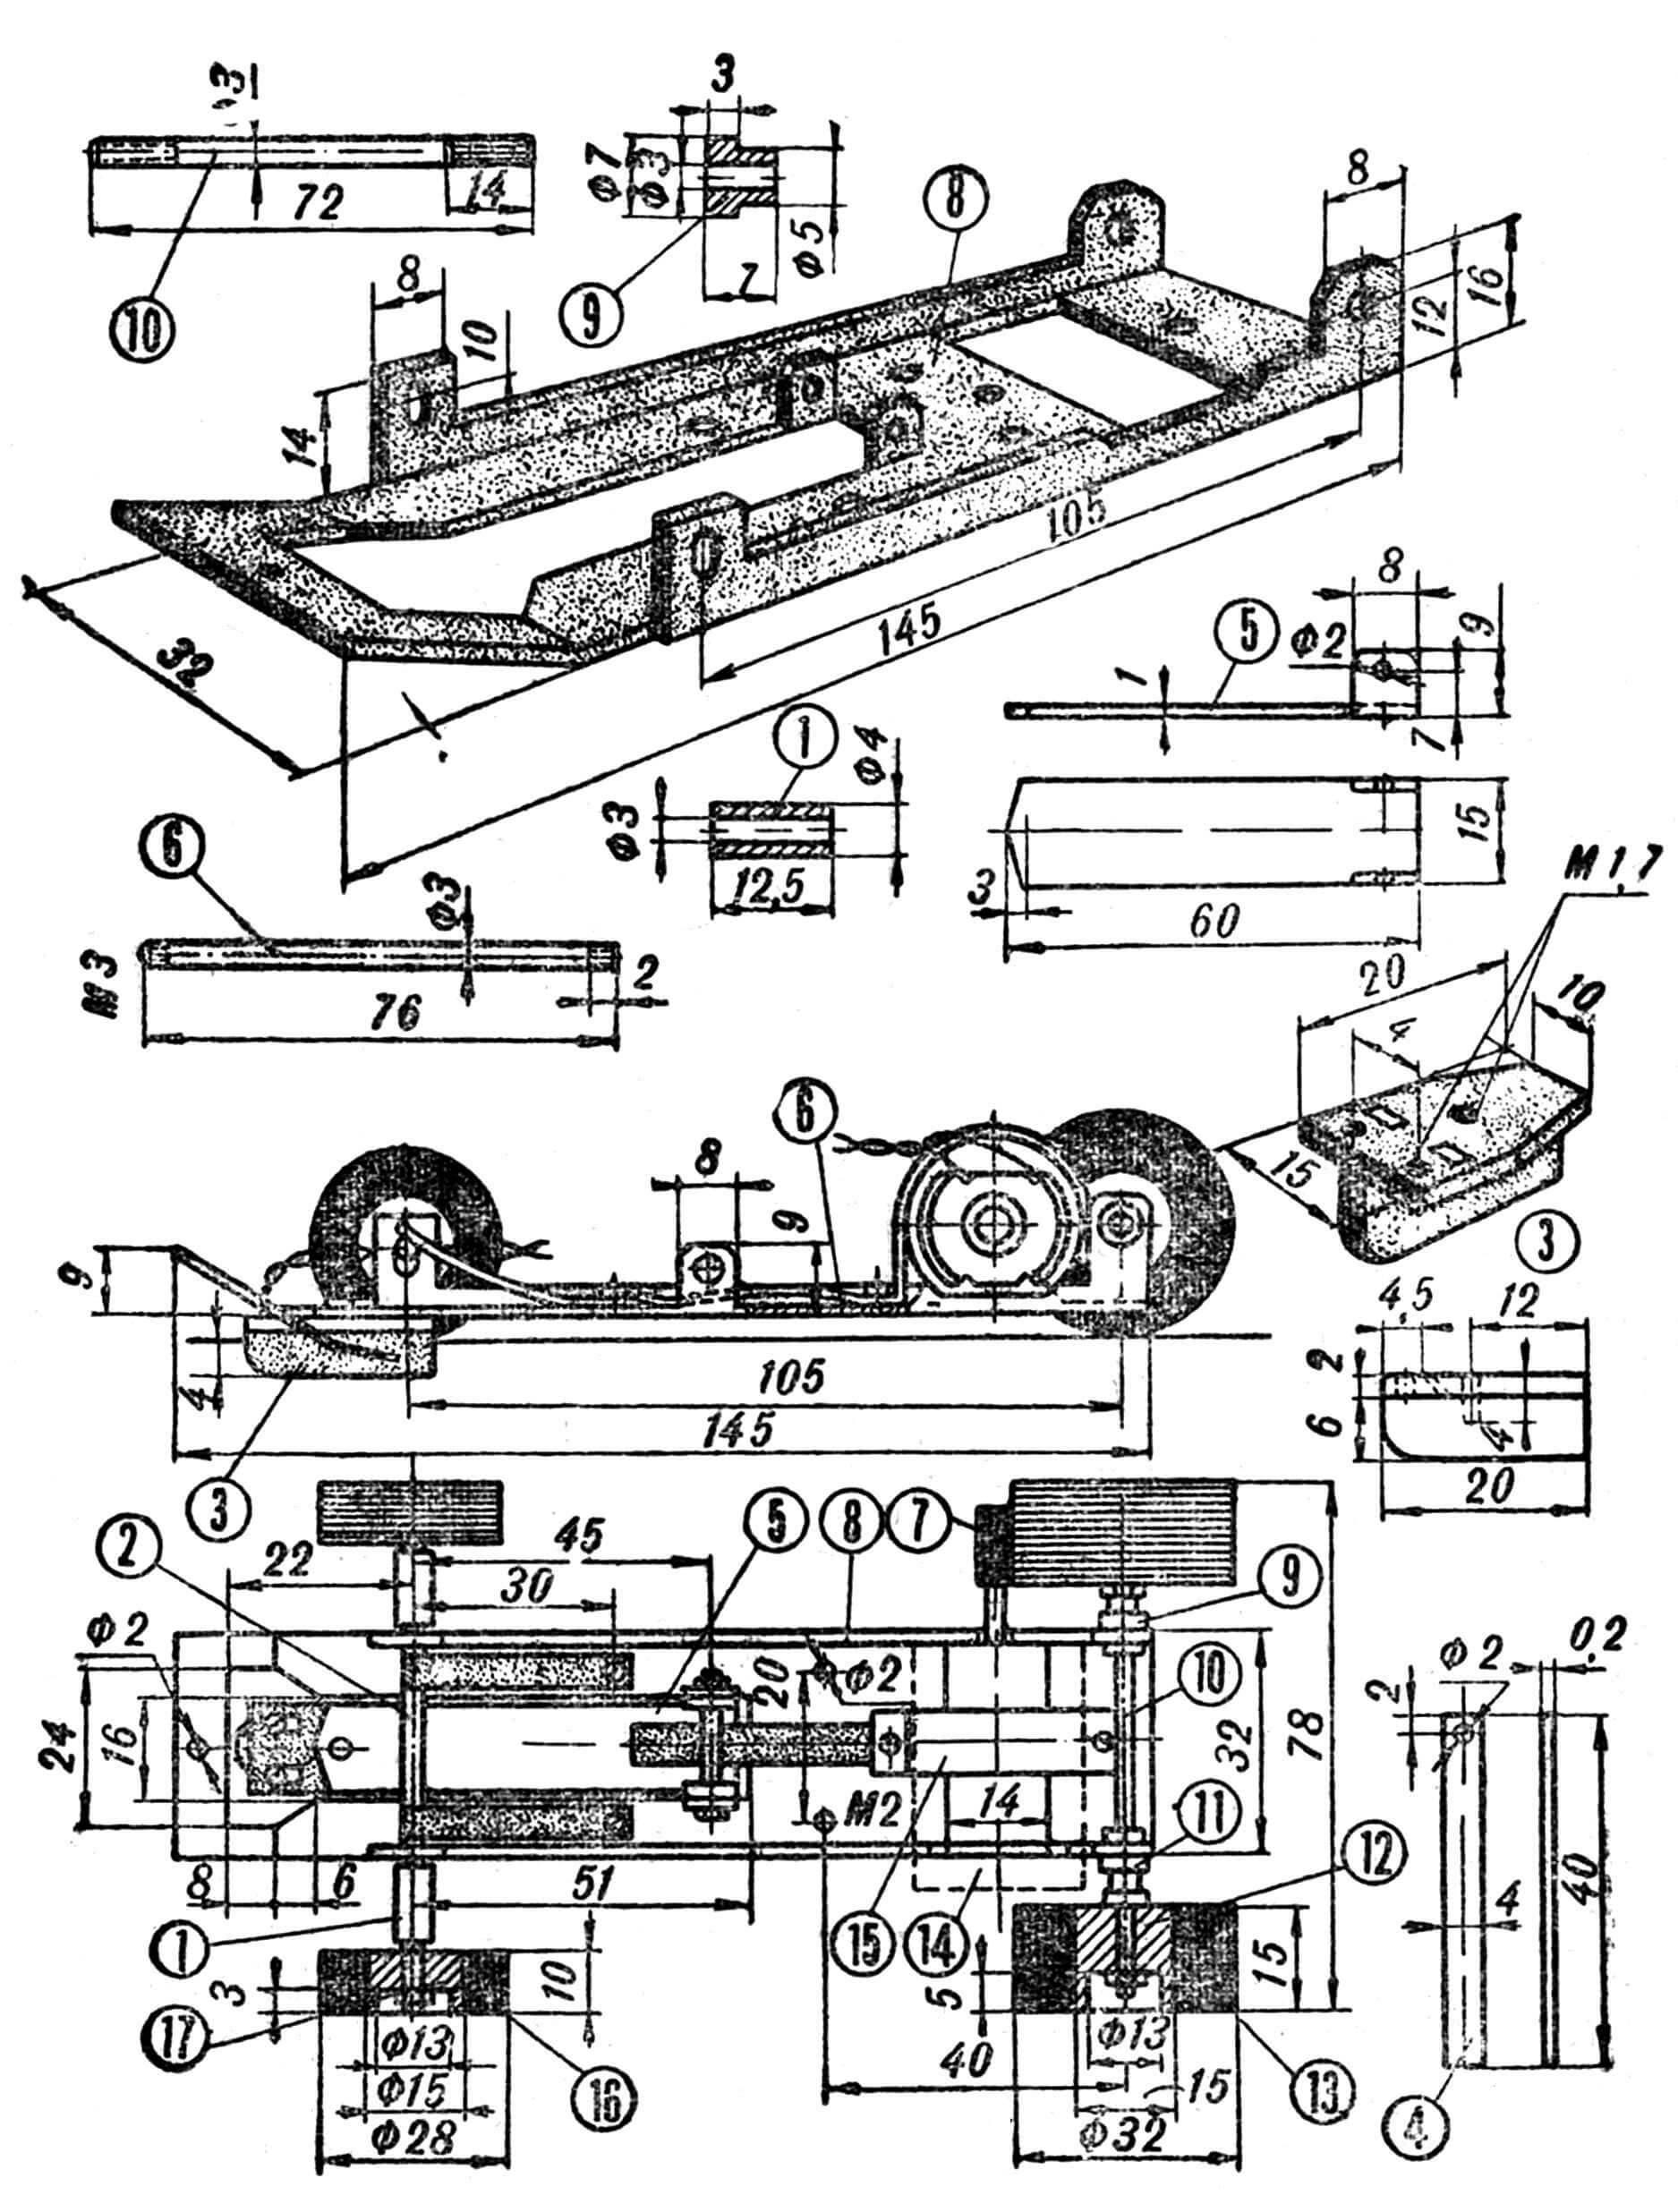 Несущая рама, ходовая часть и детали модели: 1 — муфта (дюралюминий 4 мм, длиной 12,5 мм), 2— передняя ось (сталь ø 3 мм, длиной 72 мм), 3 — направляющая планка (оргстекло), 4 — рессоры (сталь 0,2x5x40 мм), 5 — рычаг направляющей планки (дюралюминиевая планка размером 1x35x65 мм), 6 — контактная пластина (Сталь 9,2x5; 35 мм), 7 — ведущая ось (сталь ø 3 мм), 8 — рама (дюралюминий размером 1x80x155 мм), 9 — подшипник (бронза, длина 7 мм, ø 7x3 мм), 10 — задняя ось (сталь ø 3 мм), 11 — втулка, 12 — обод (дюралюминий ø 15 мм), 13 — шина (резина ø 28 мм, толщиной 15 мм), 14 — двигатель, 15 — хомутик (дюралюминий 0,5x10x120 мм), 16 — покрышка (резина ø 32 мм, толщиной 10 мм), 17 — обод (дюралюминий толщиной 15 мм).